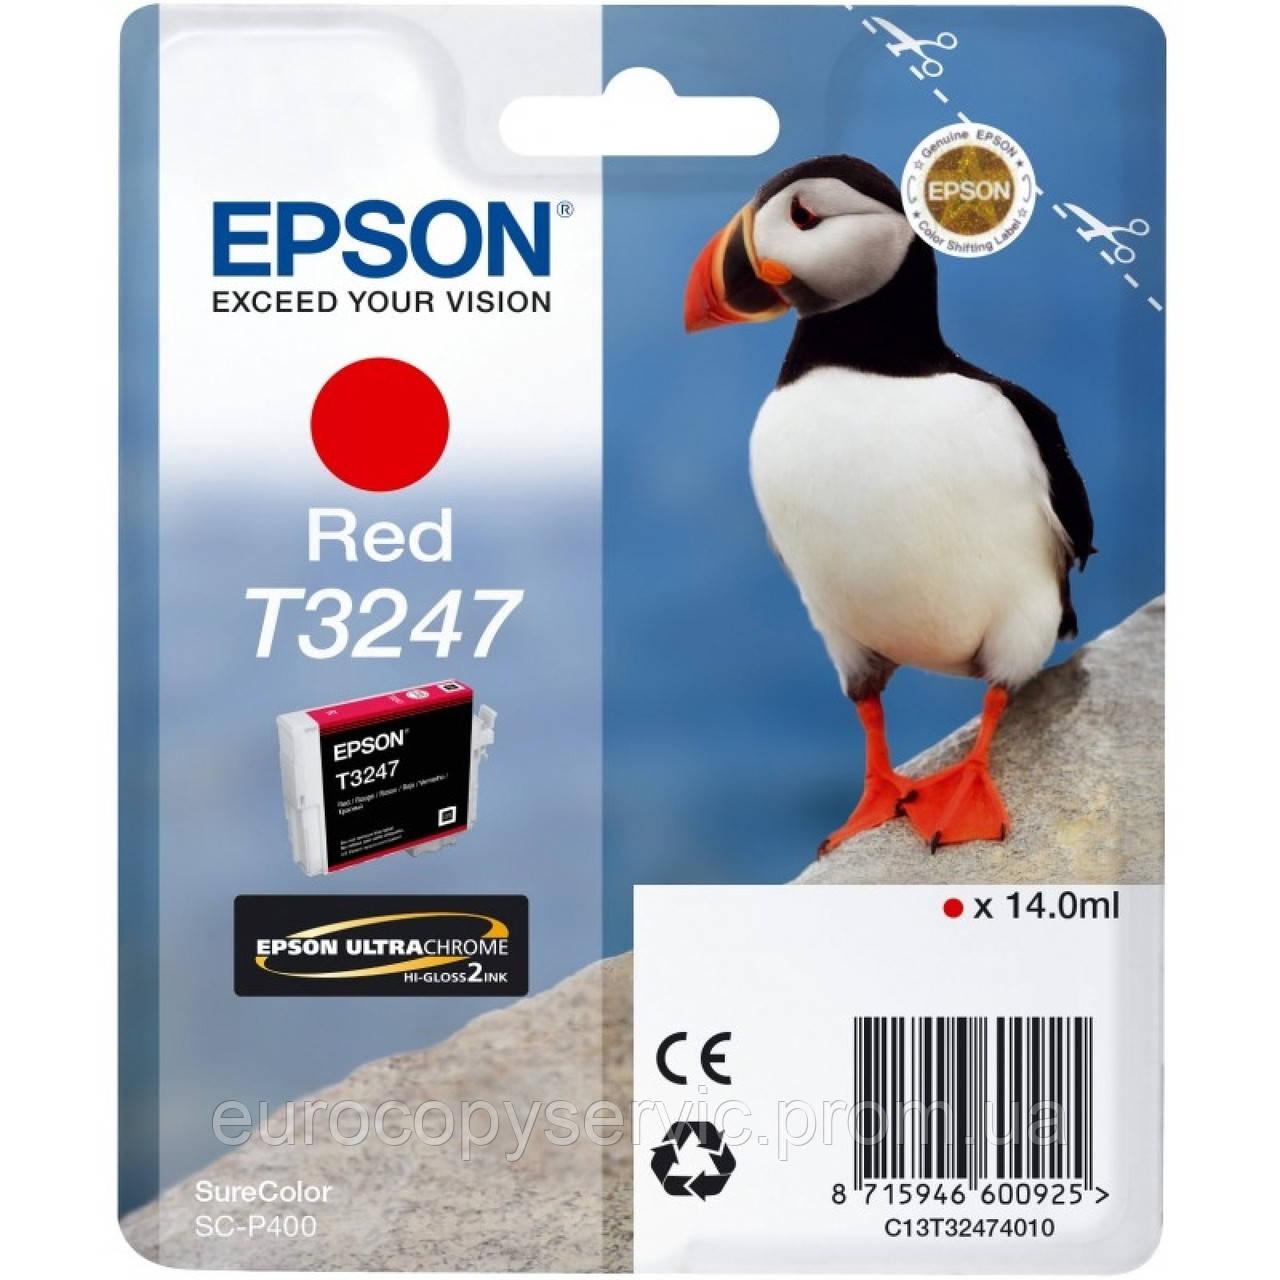 Картридж Epson SureColor SC-P400 Red (C13T32474010) Original